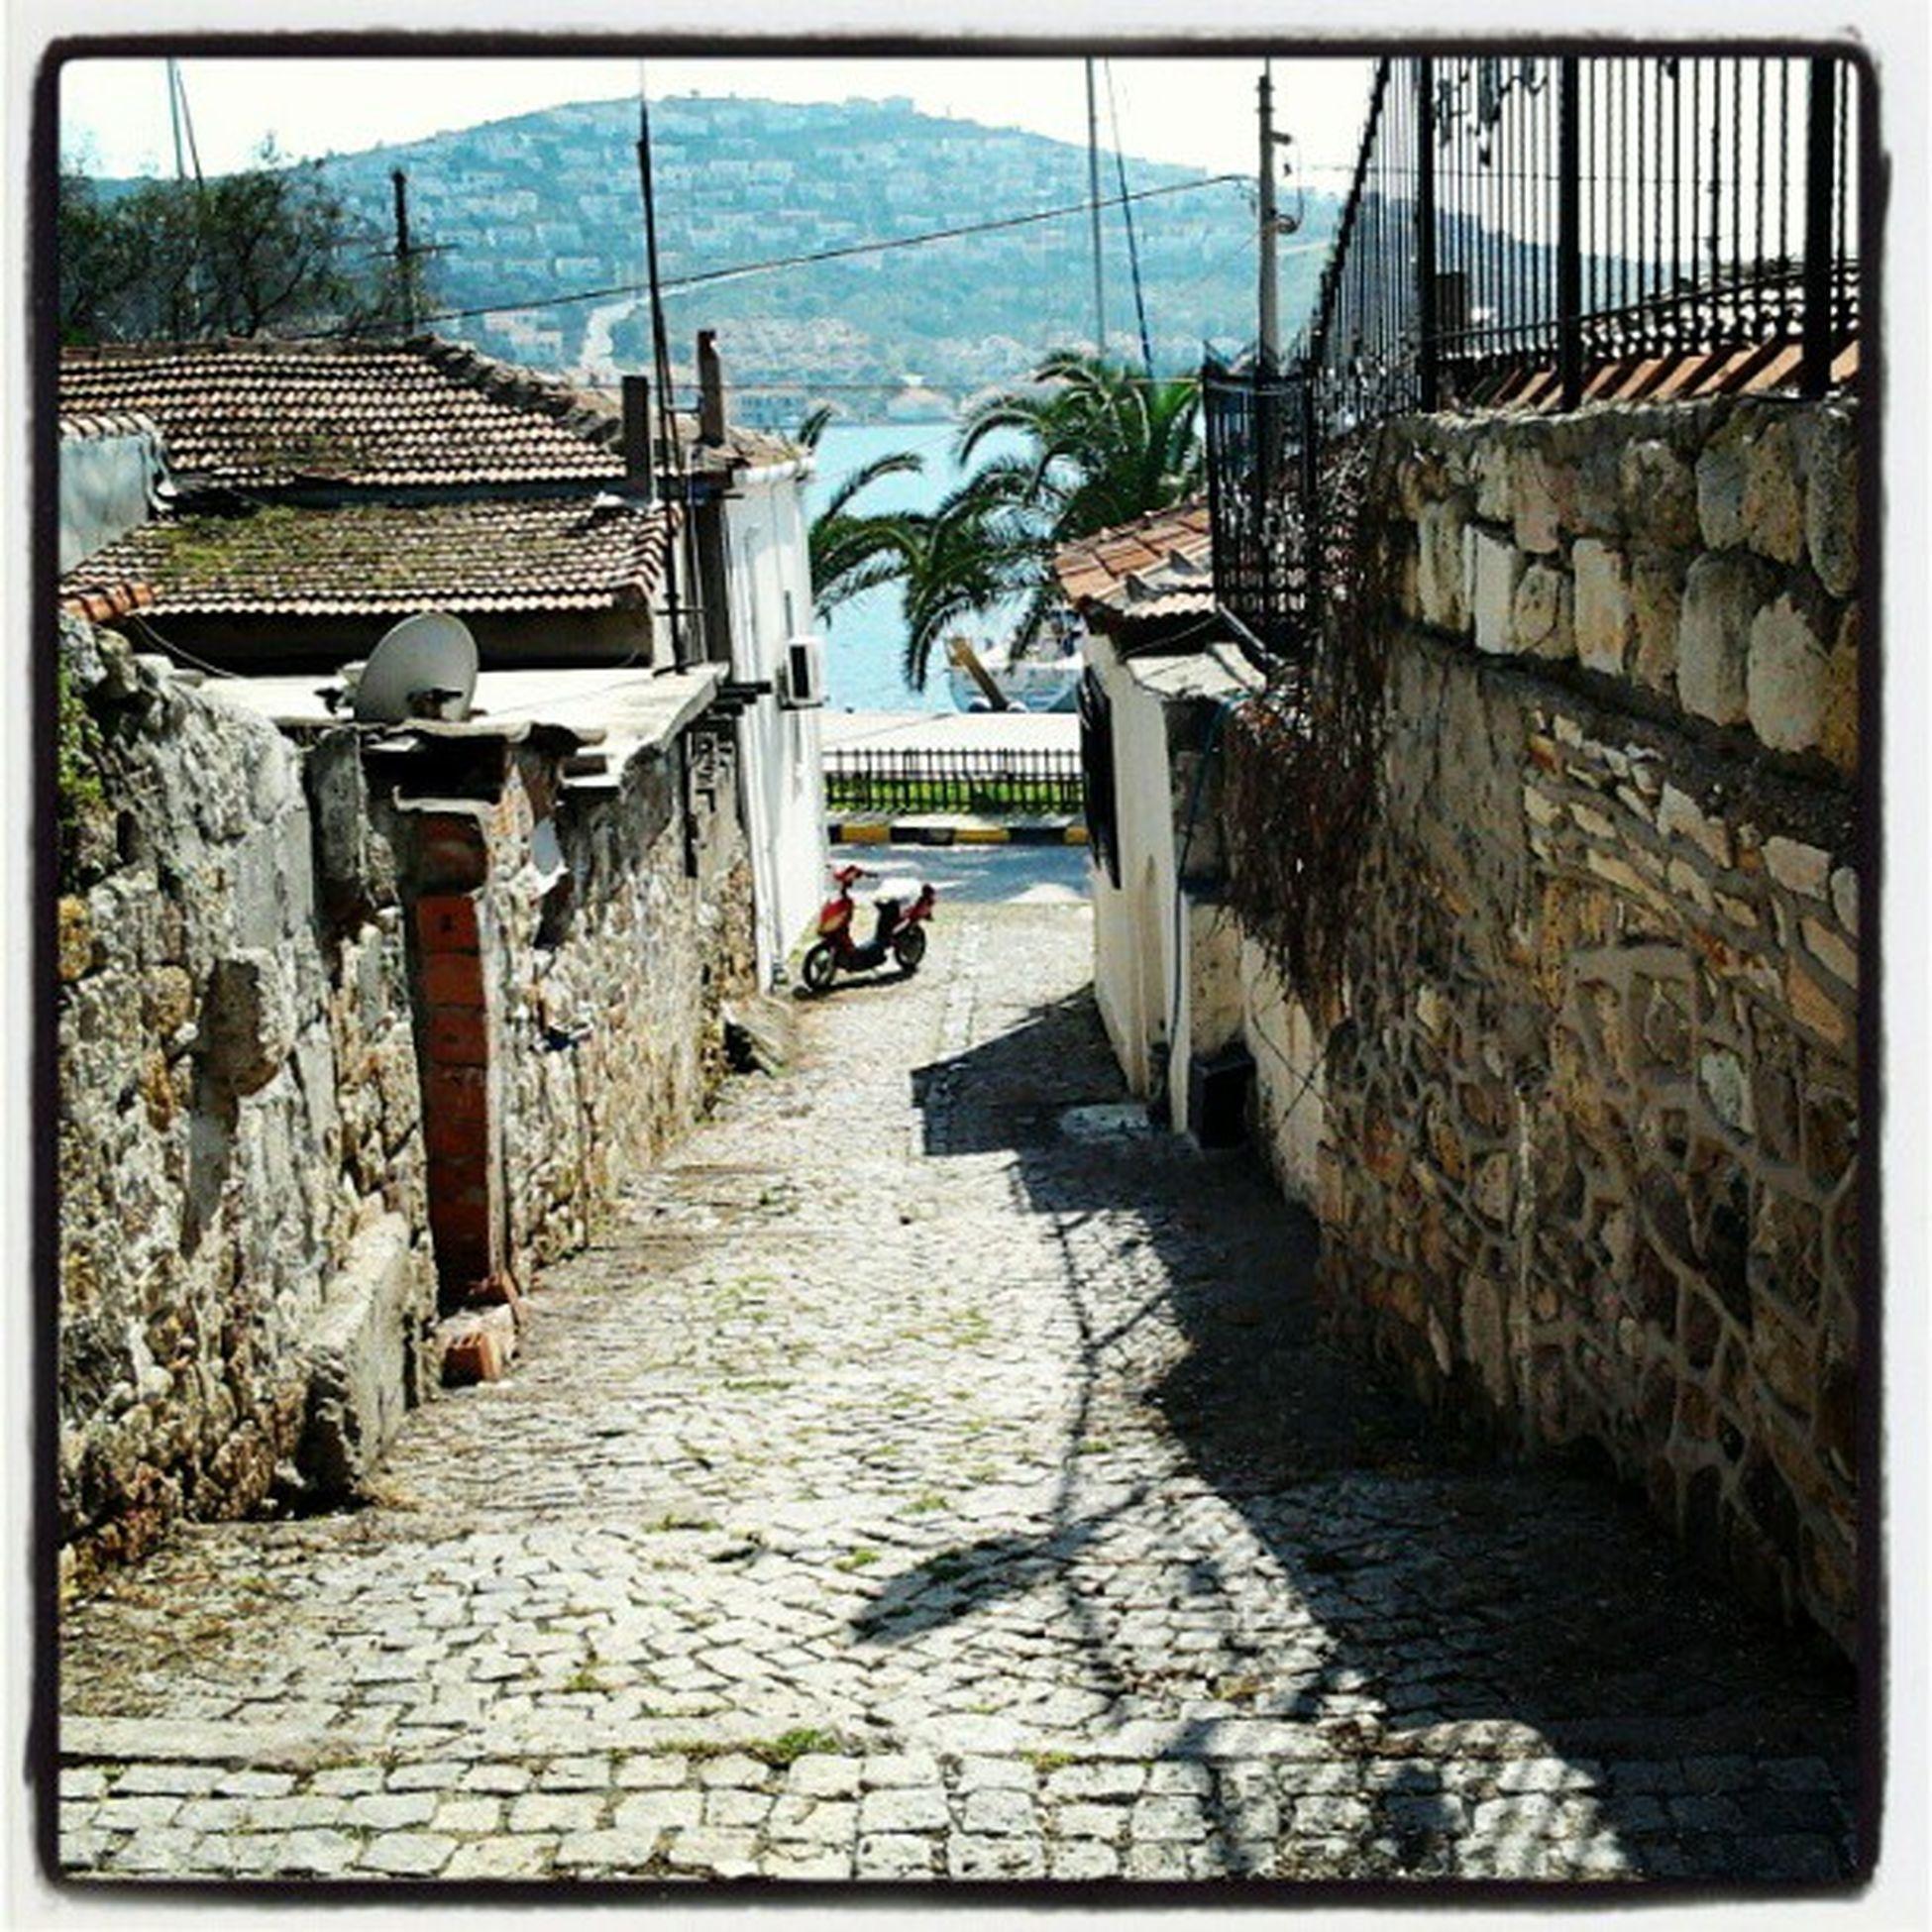 Street Sea Foca Nature @semenuyumazer